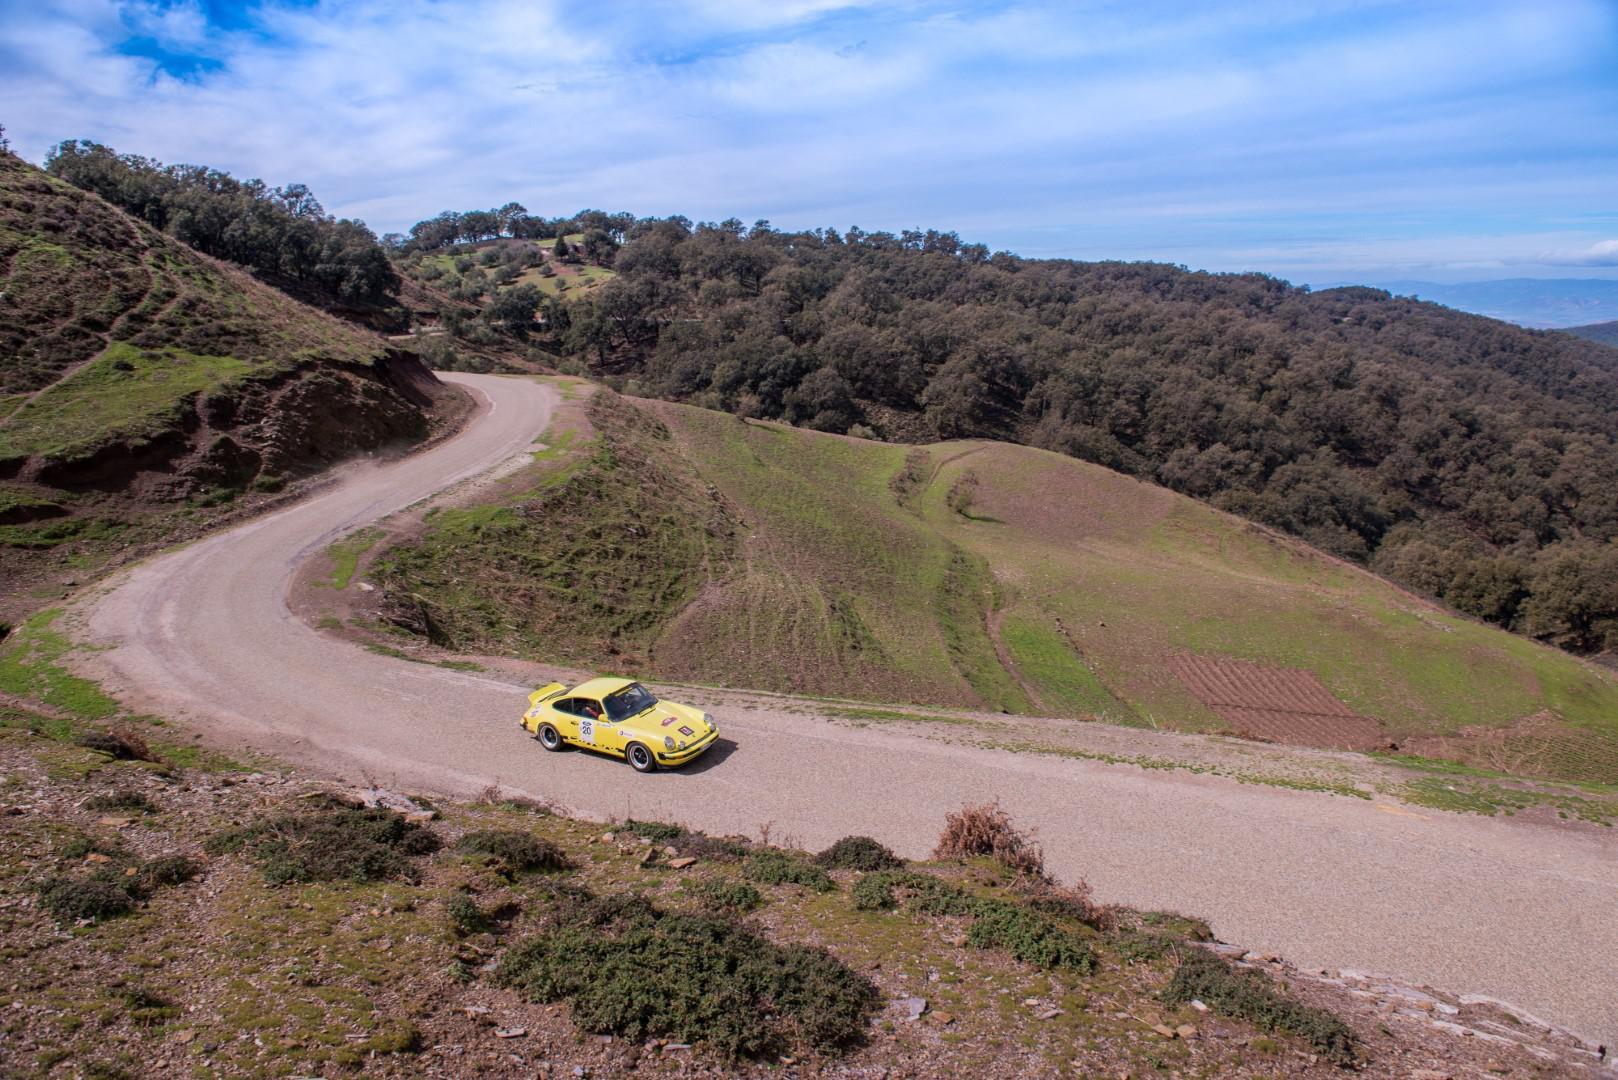 victoire-marocaine-pour-le-25eme-anniversaire-du-rallye-maroc-classic-680-5.jpg